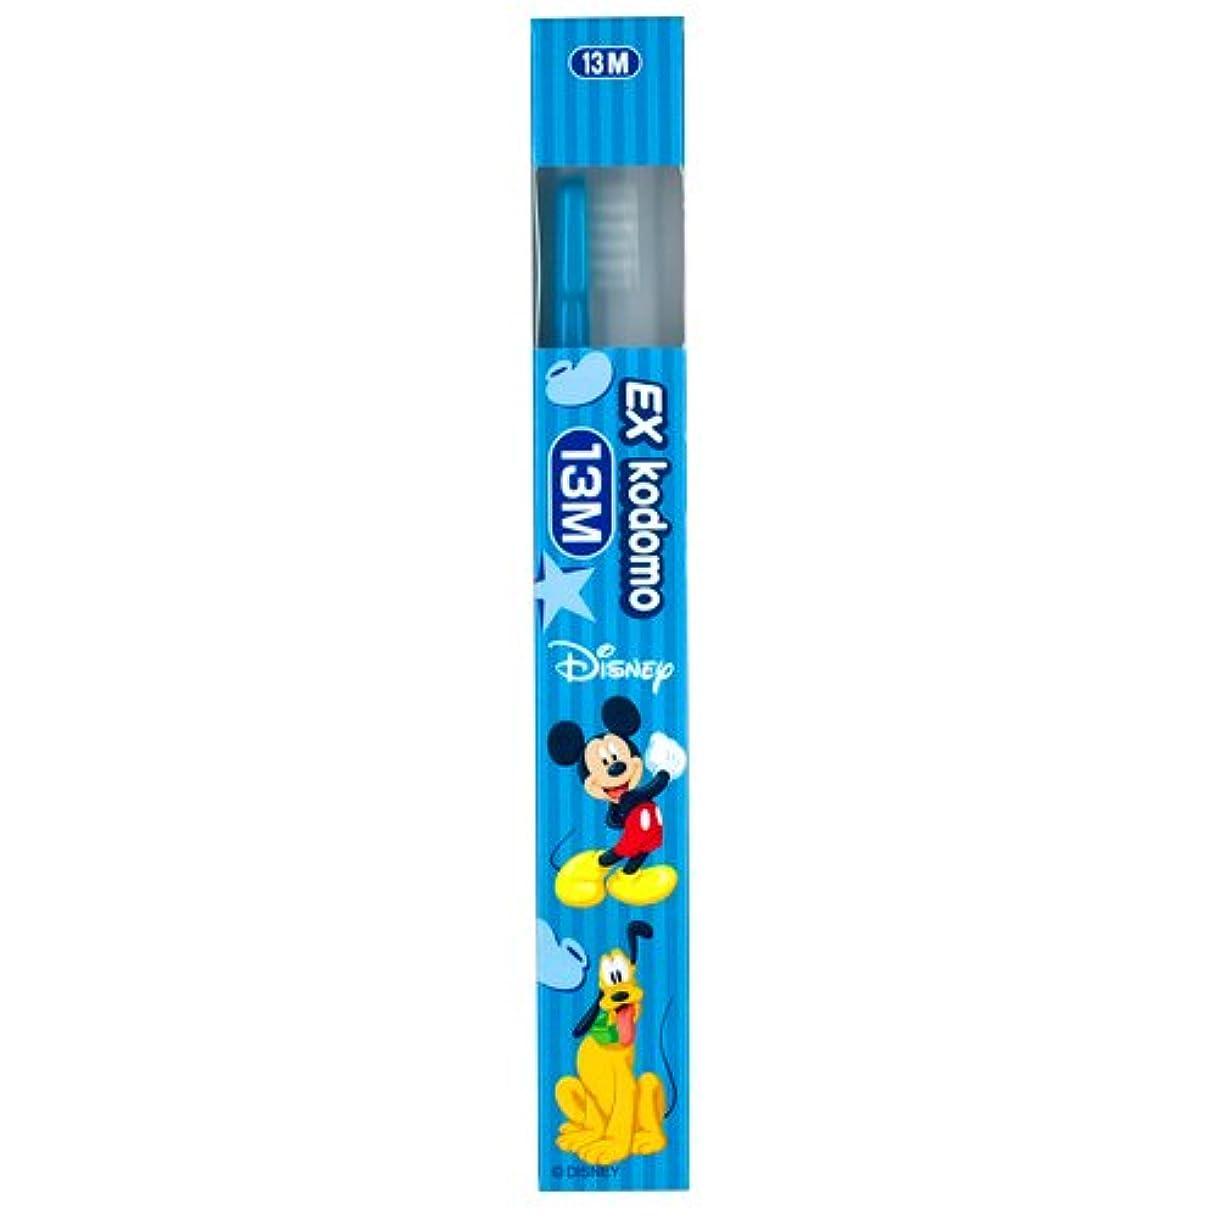 医学試みる欠かせないライオン EX kodomo ディズニー 歯ブラシ 1本 13M ブルー